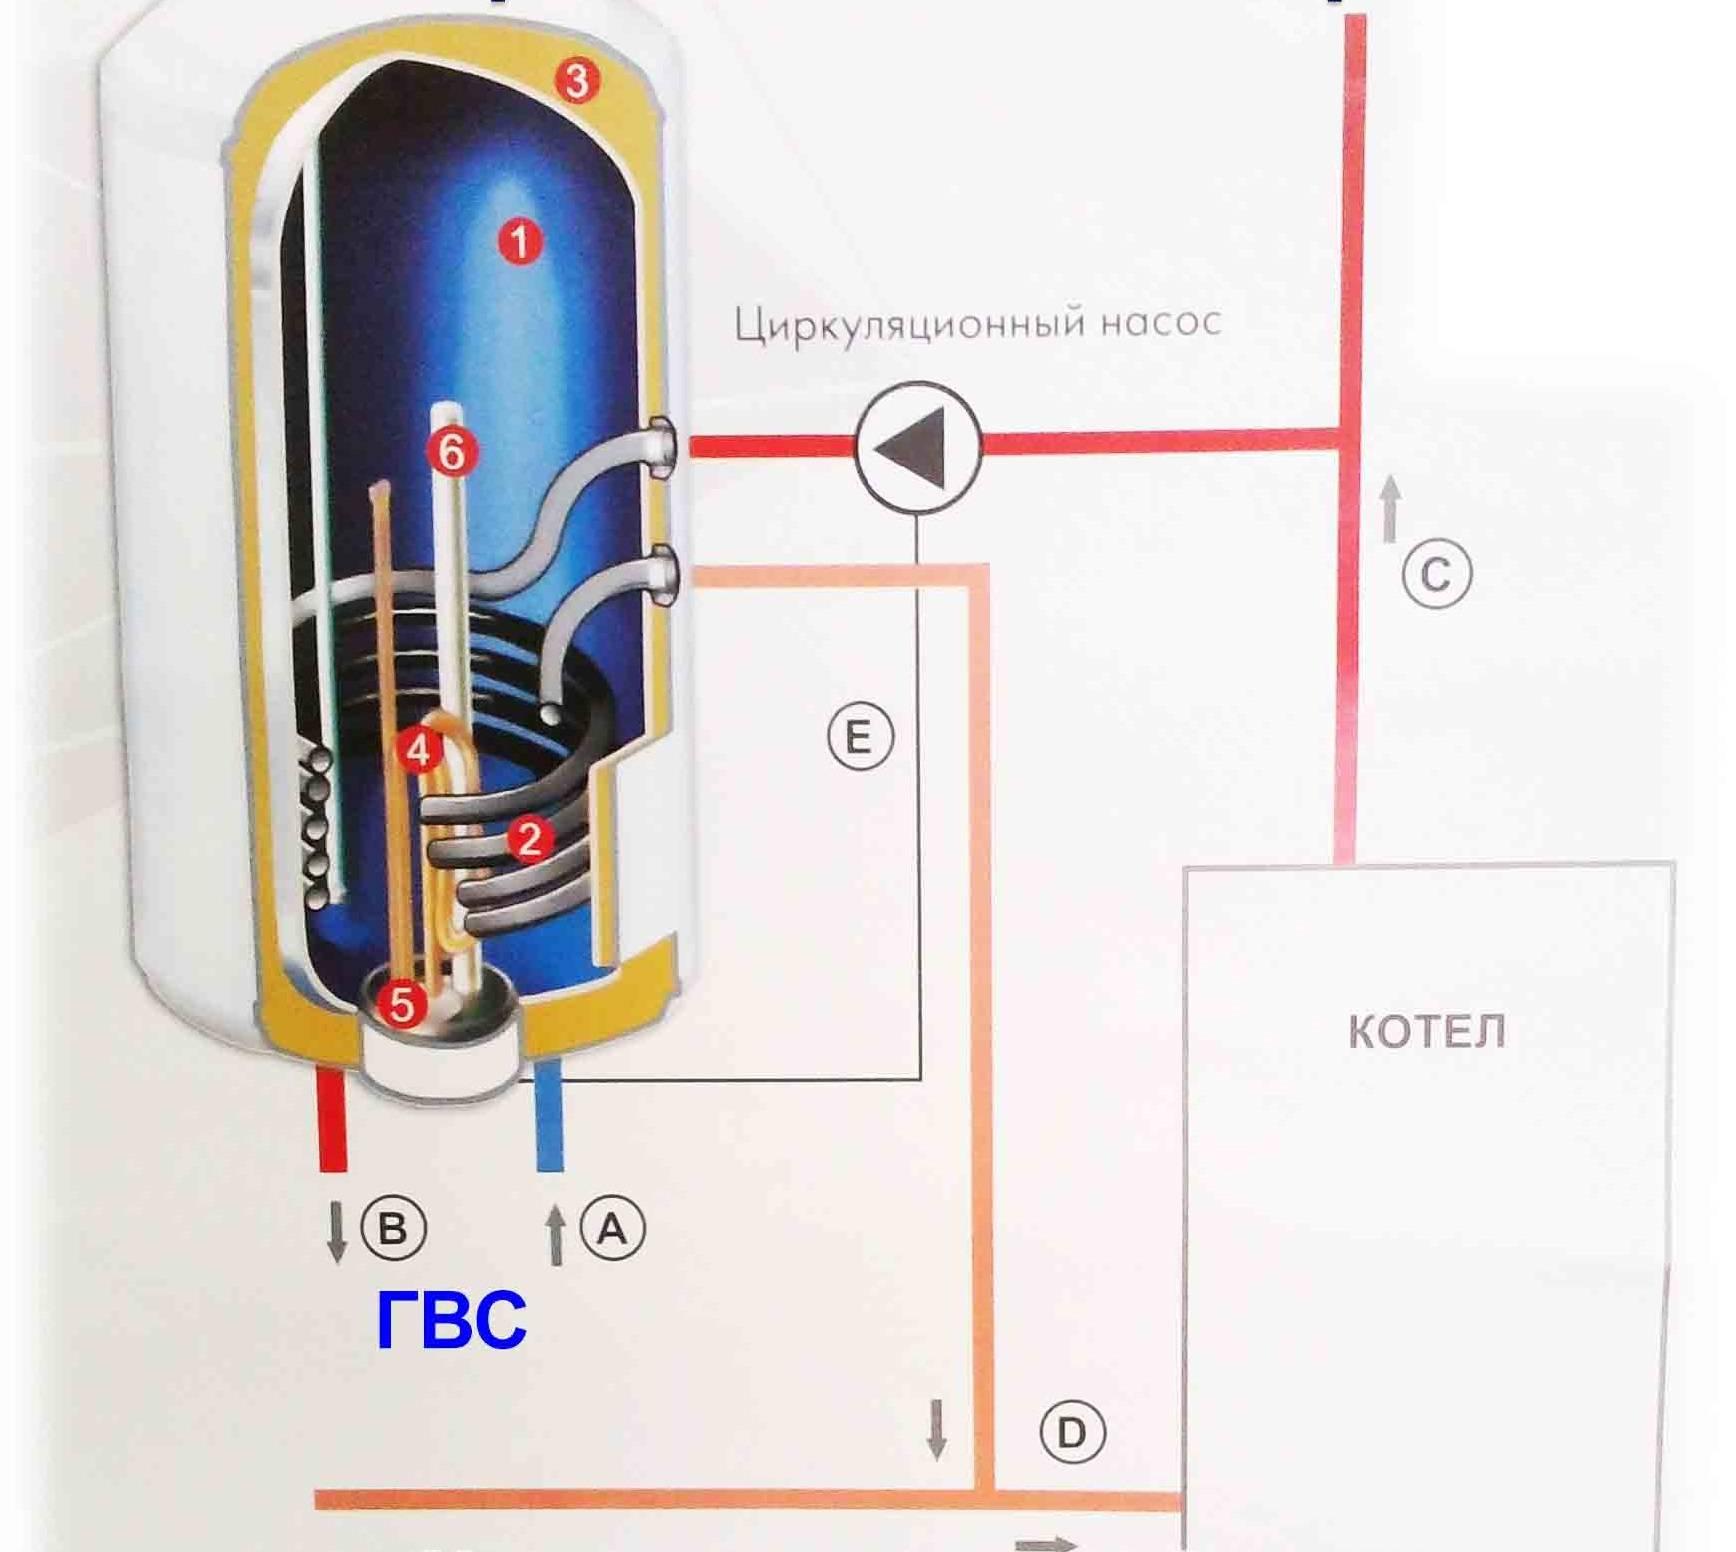 Бойлер косвенного нагрева - в чем его особенности, каков принцип работы. принципиальная схема подключения бойлера косвенного нагрева